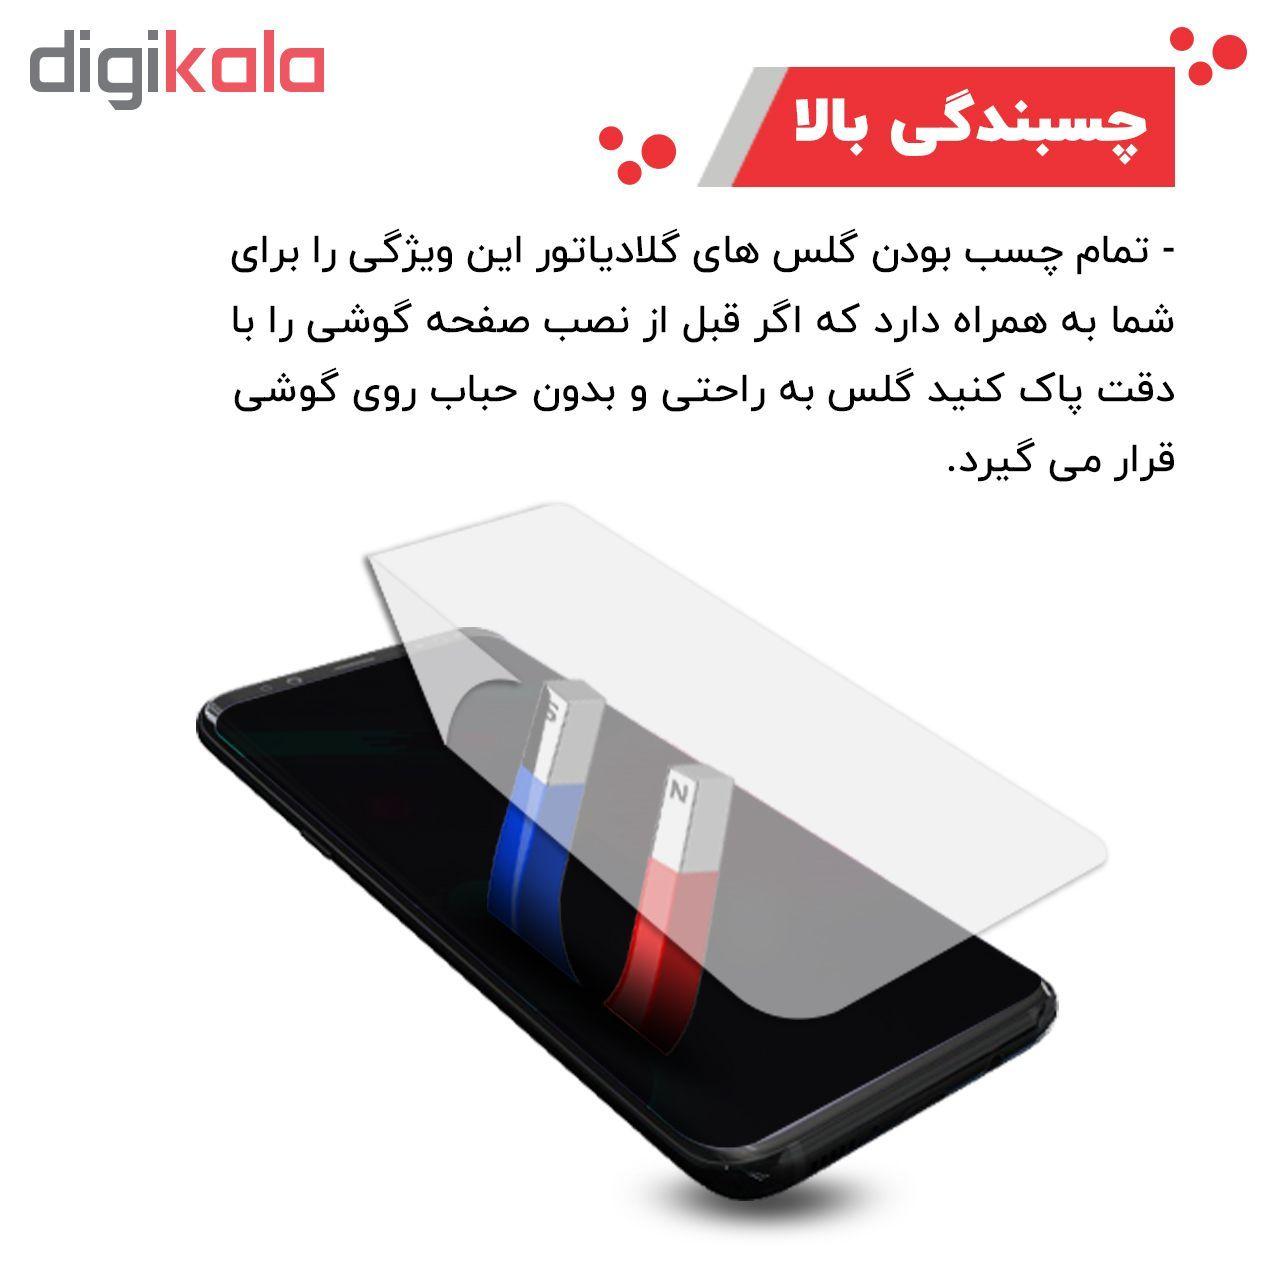 محافظ صفحه نمایش گلادیاتور مدل GPH1000 مناسب برای گوشی موبایل هوآوی Y9 2019 main 1 4